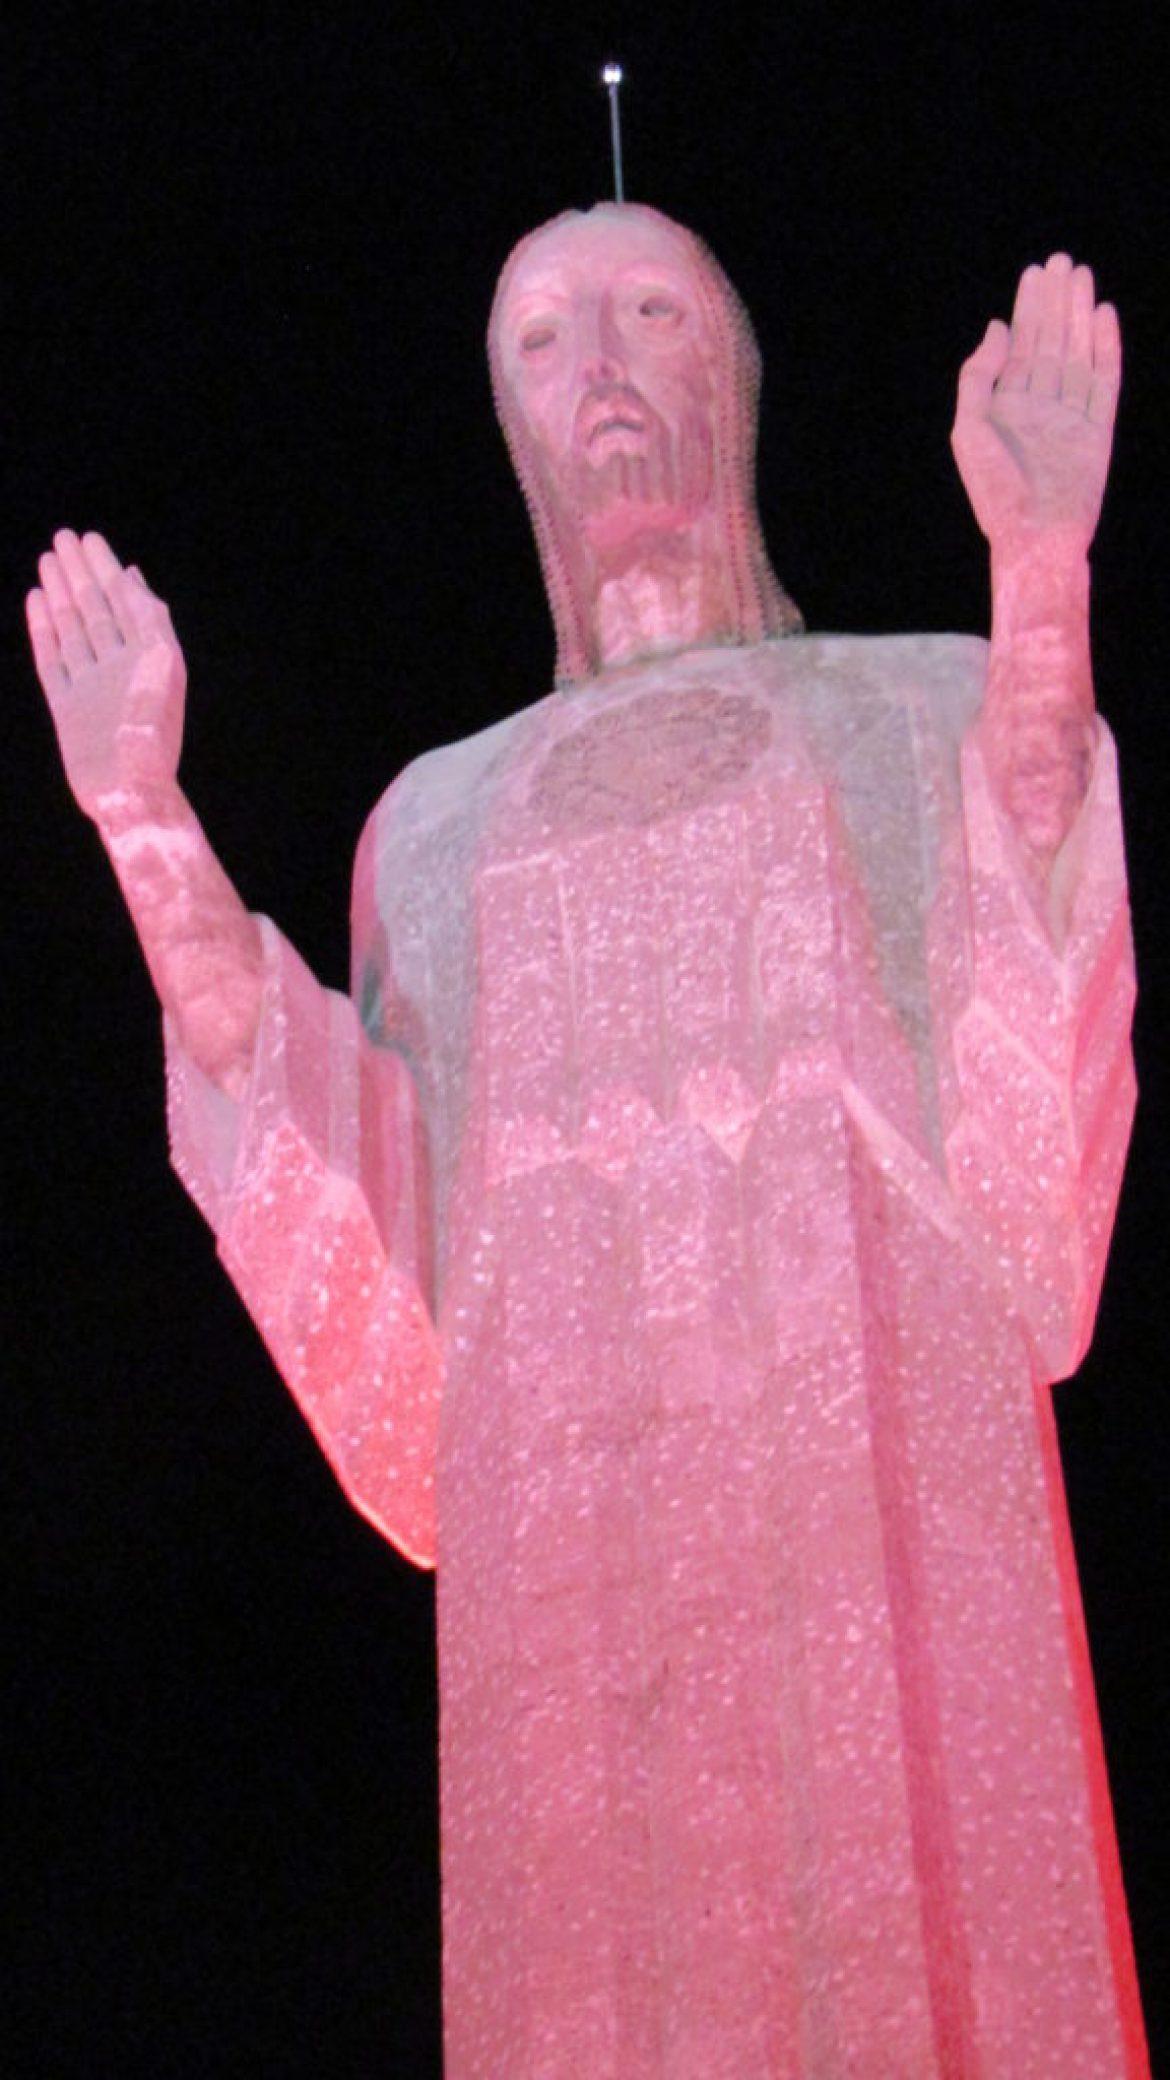 Palencia se iluminará de rojo el 17 de abril para celebrar el Día Mundial de la Hemofilia – 2018